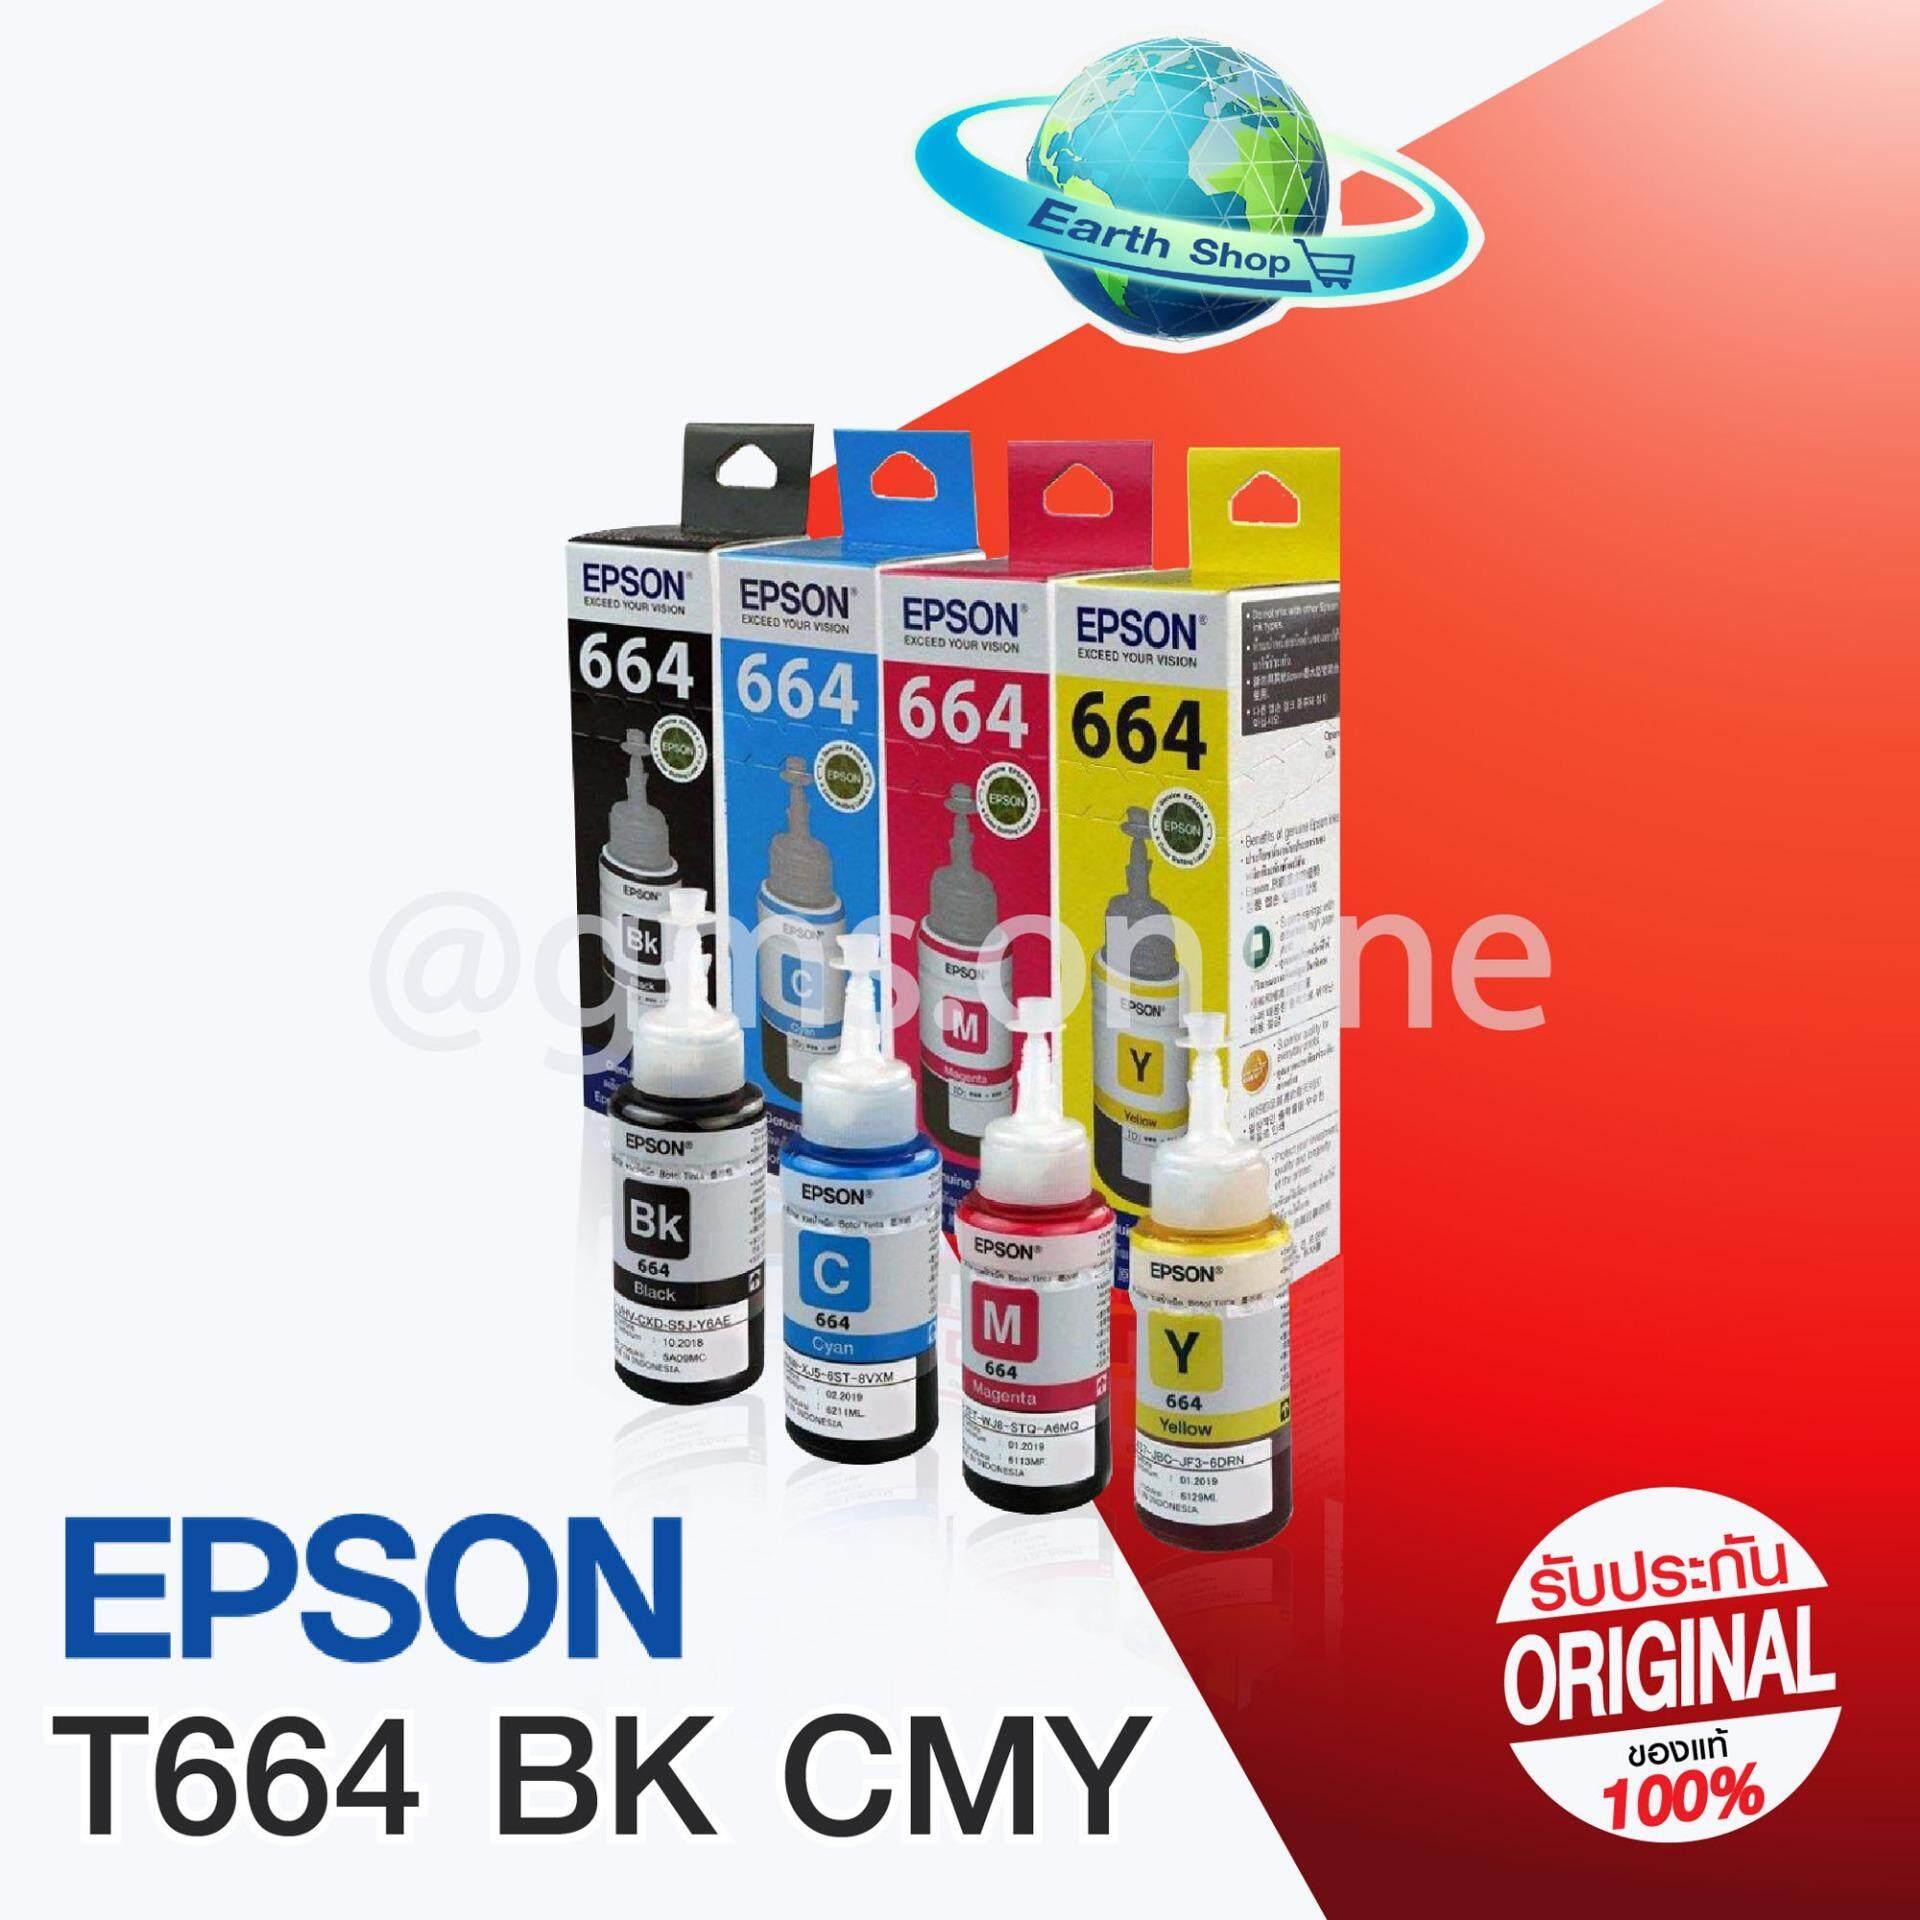 วิธี เคลียร์ ซับ หมึก epson l220